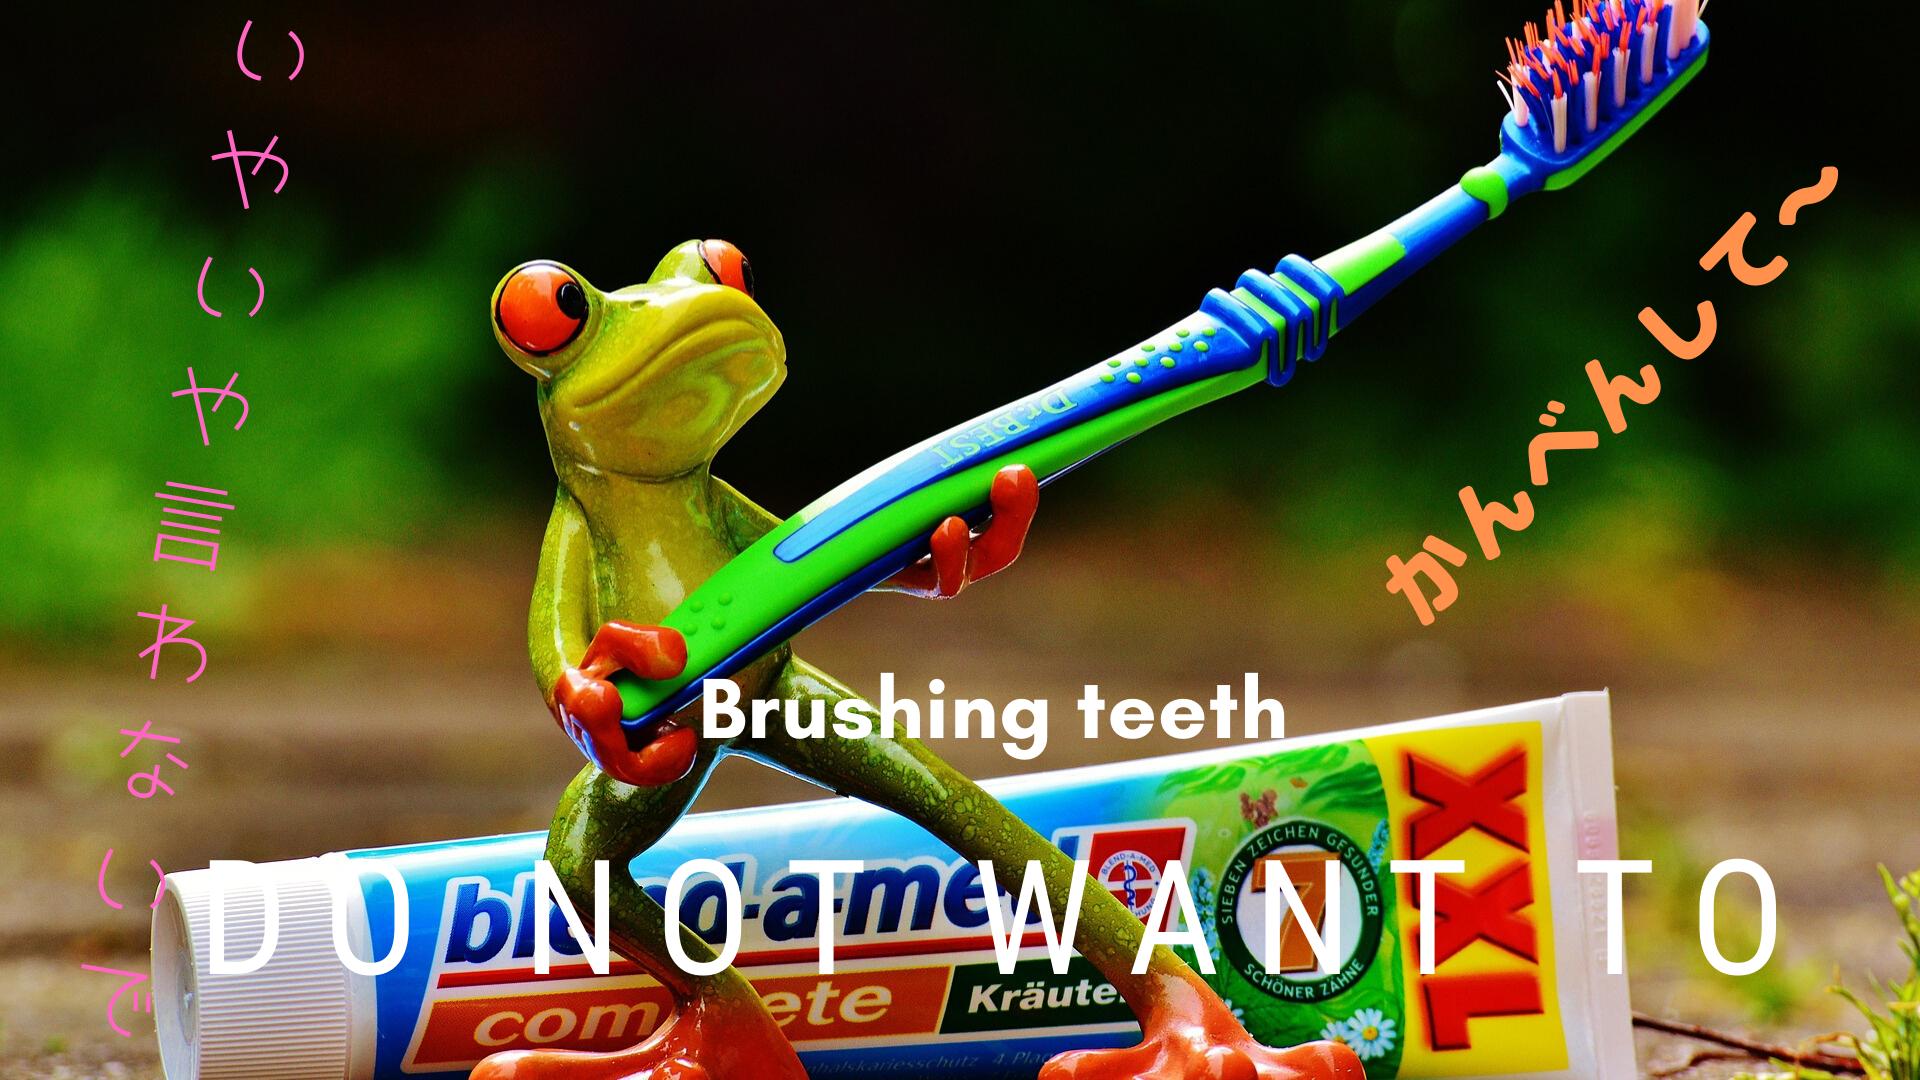 毎日ストレスだった|歯磨き嫌いだった子供に進んで歯磨きさせた方法